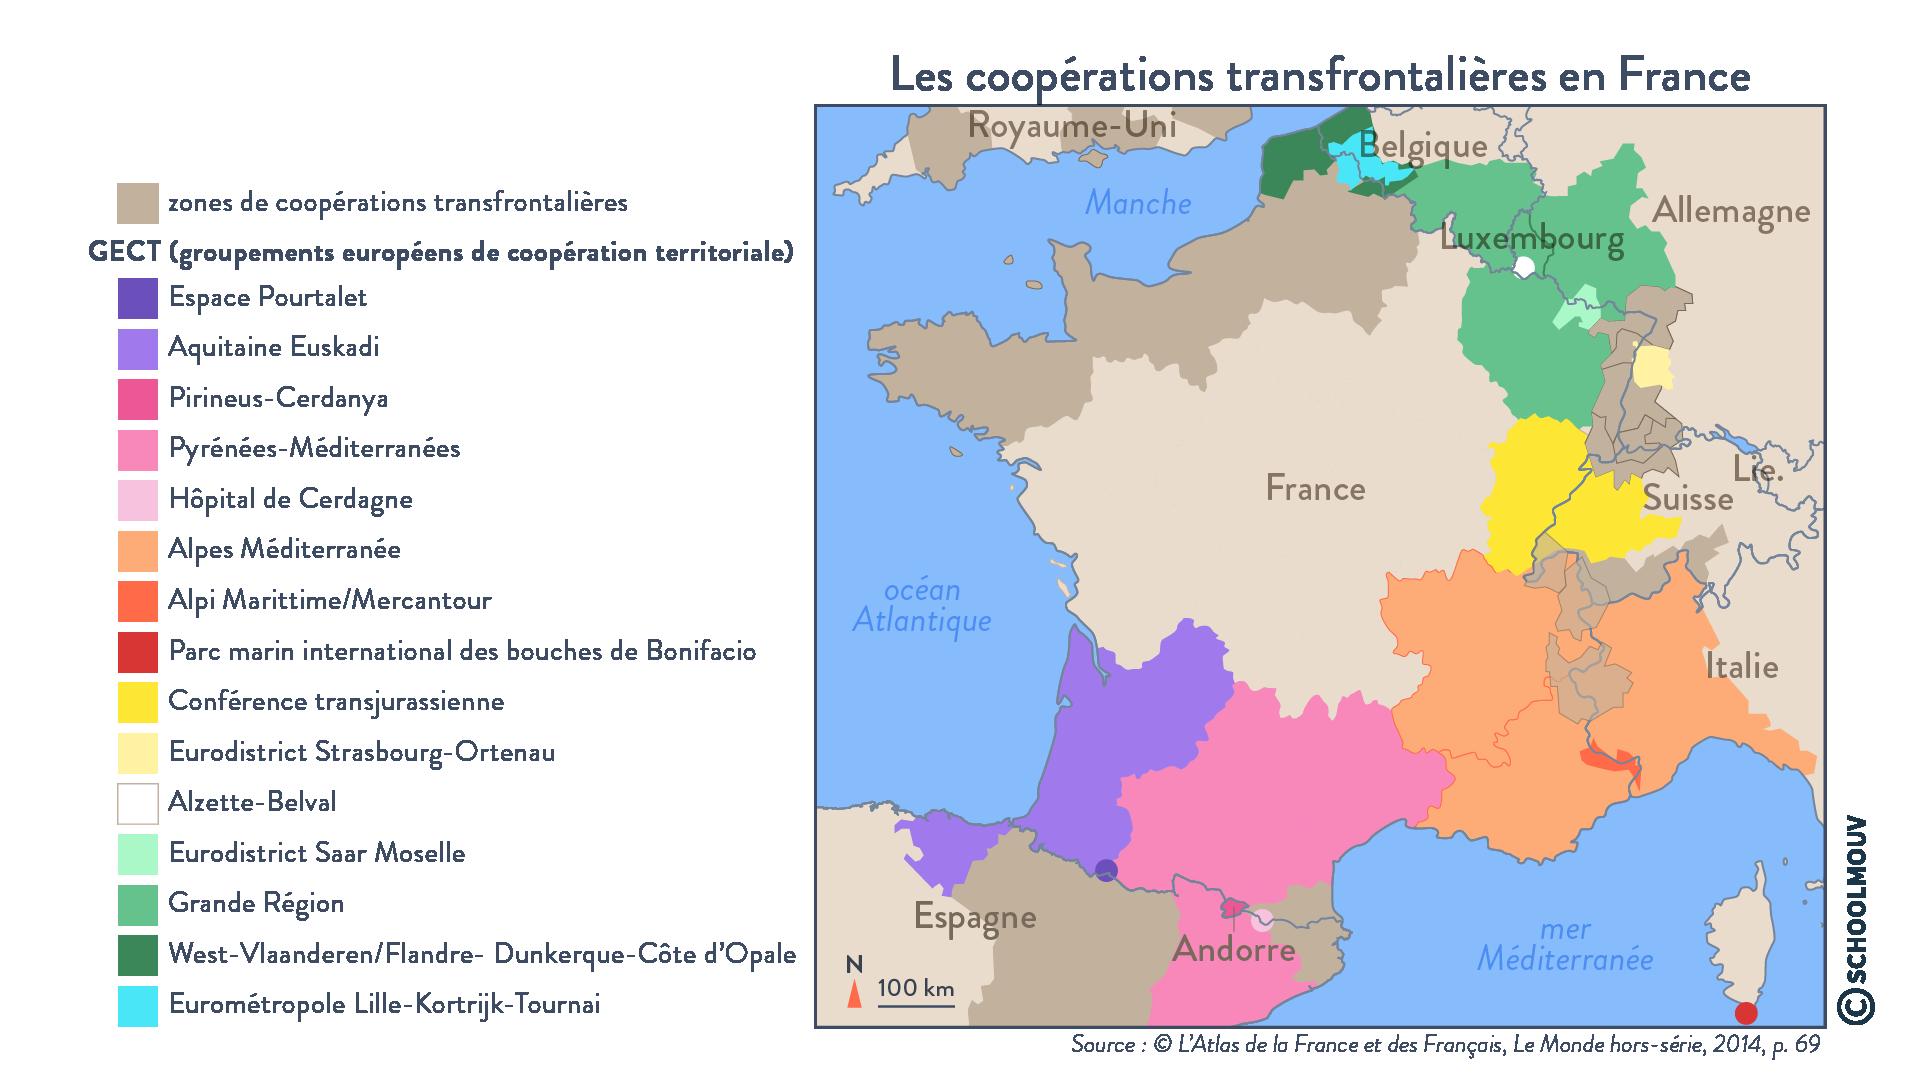 Les coopérations transfrontalières en France- Géographie - Terminale - SchoolMouv